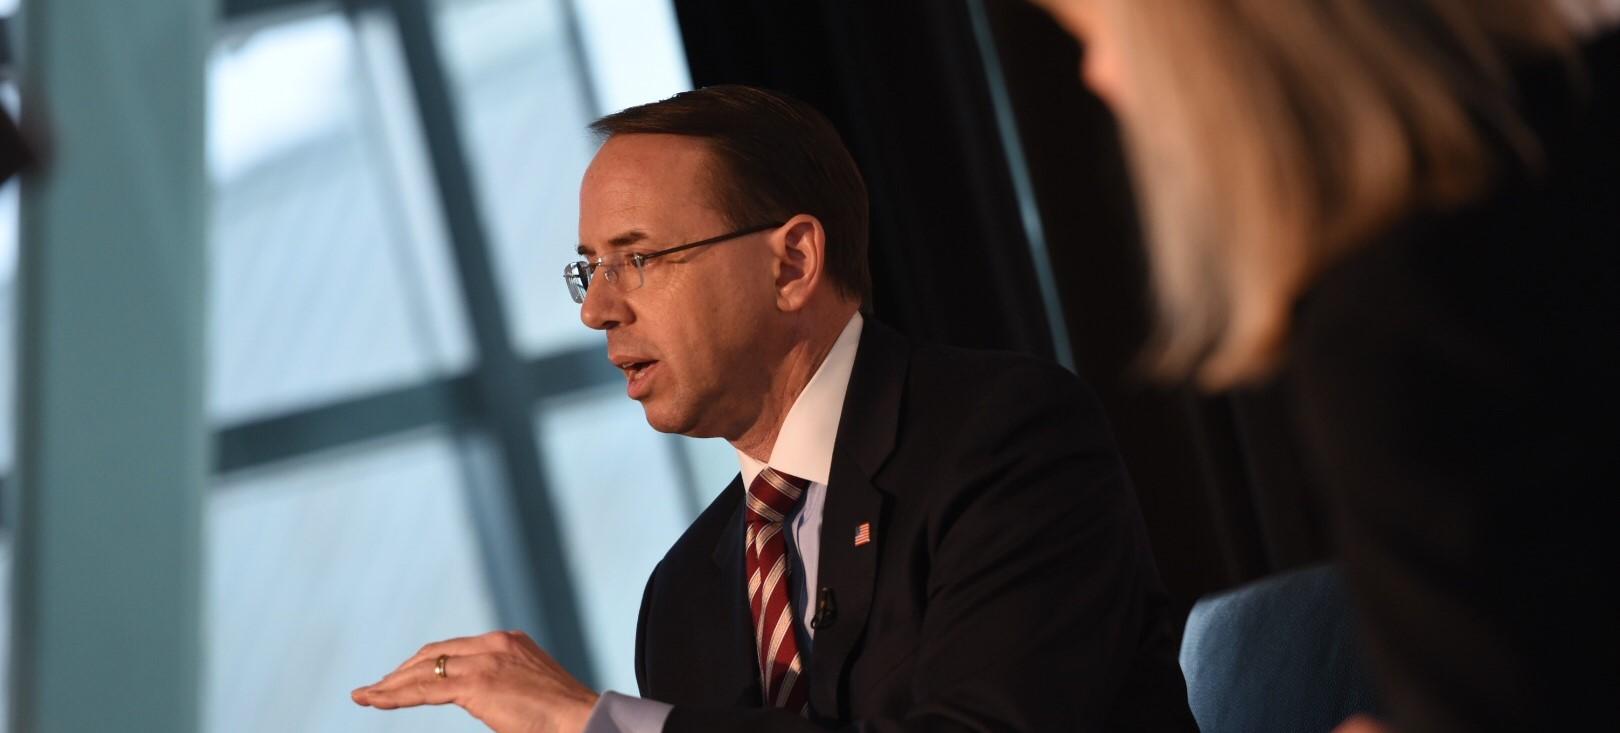 Deputy AG Rosenstein resigns